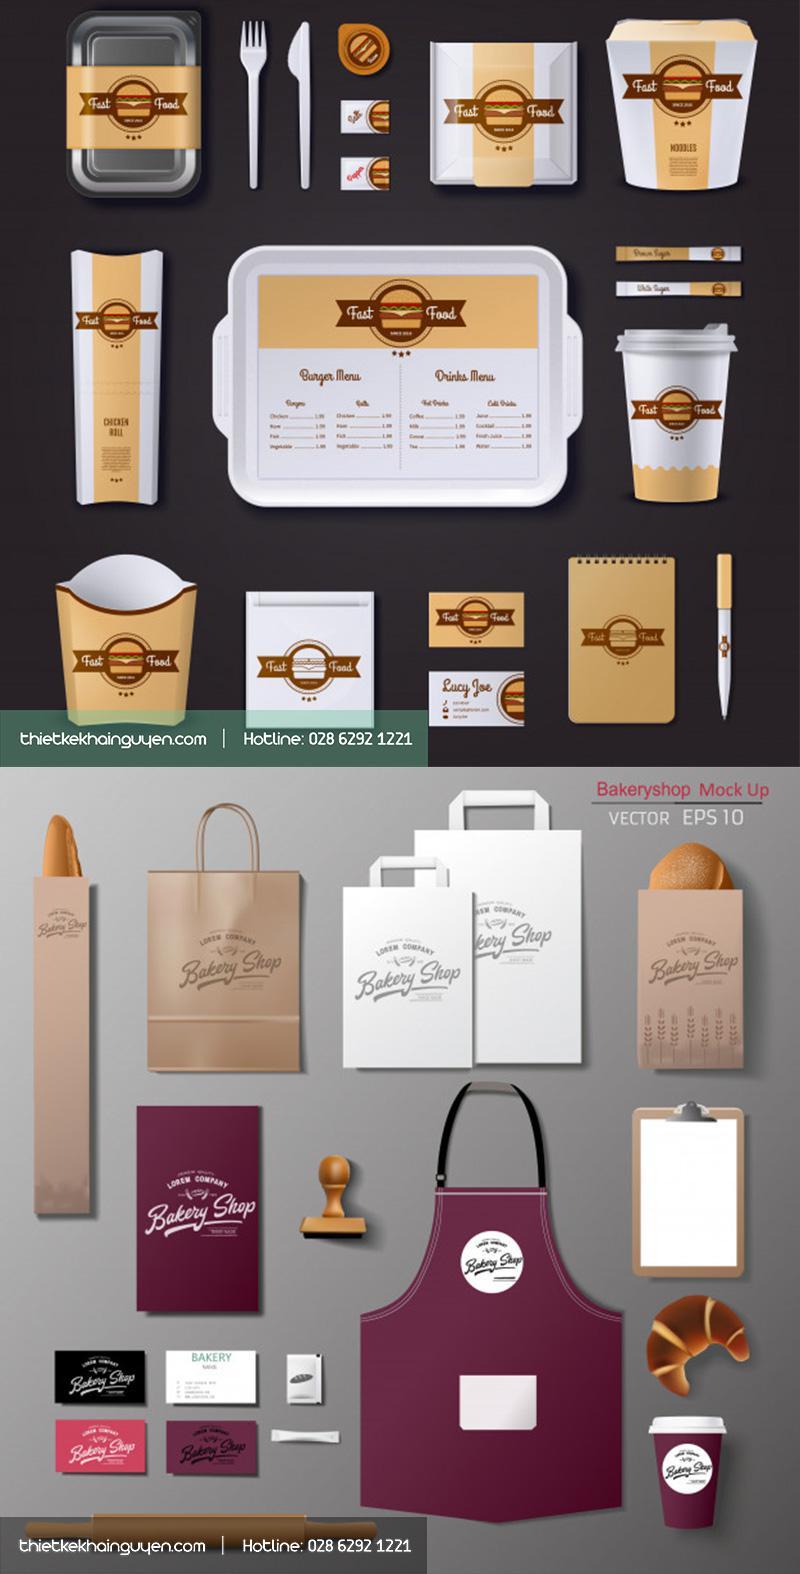 Thiết kế in ấn quảng cáo thương hiệu ẩm thực